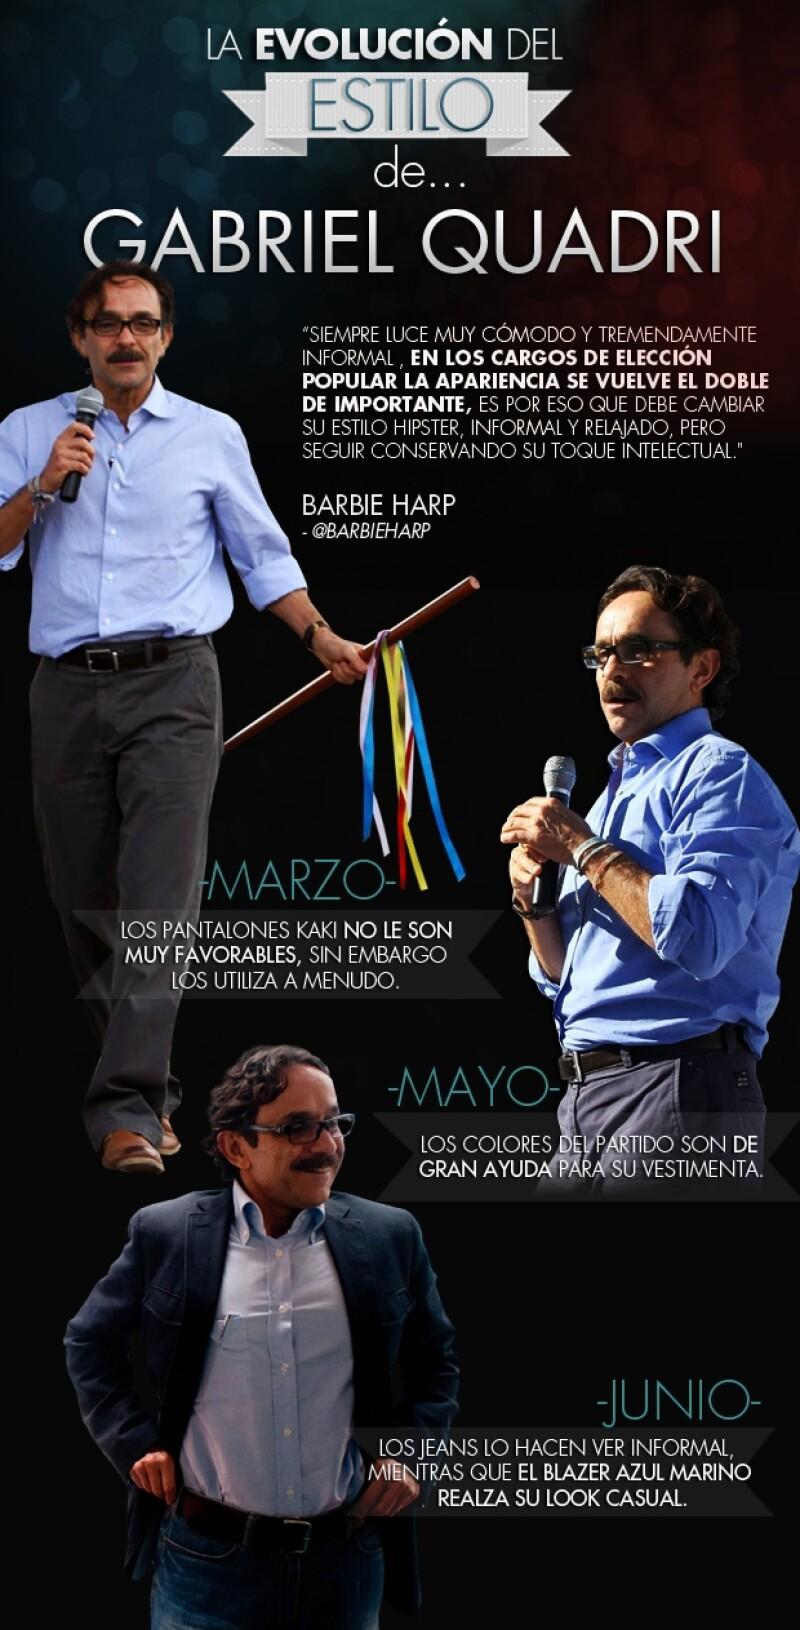 Te presentamos un breve análisis del estilo del candidato de Nueva Alianza a la presidencia, Gabriel Quadri.